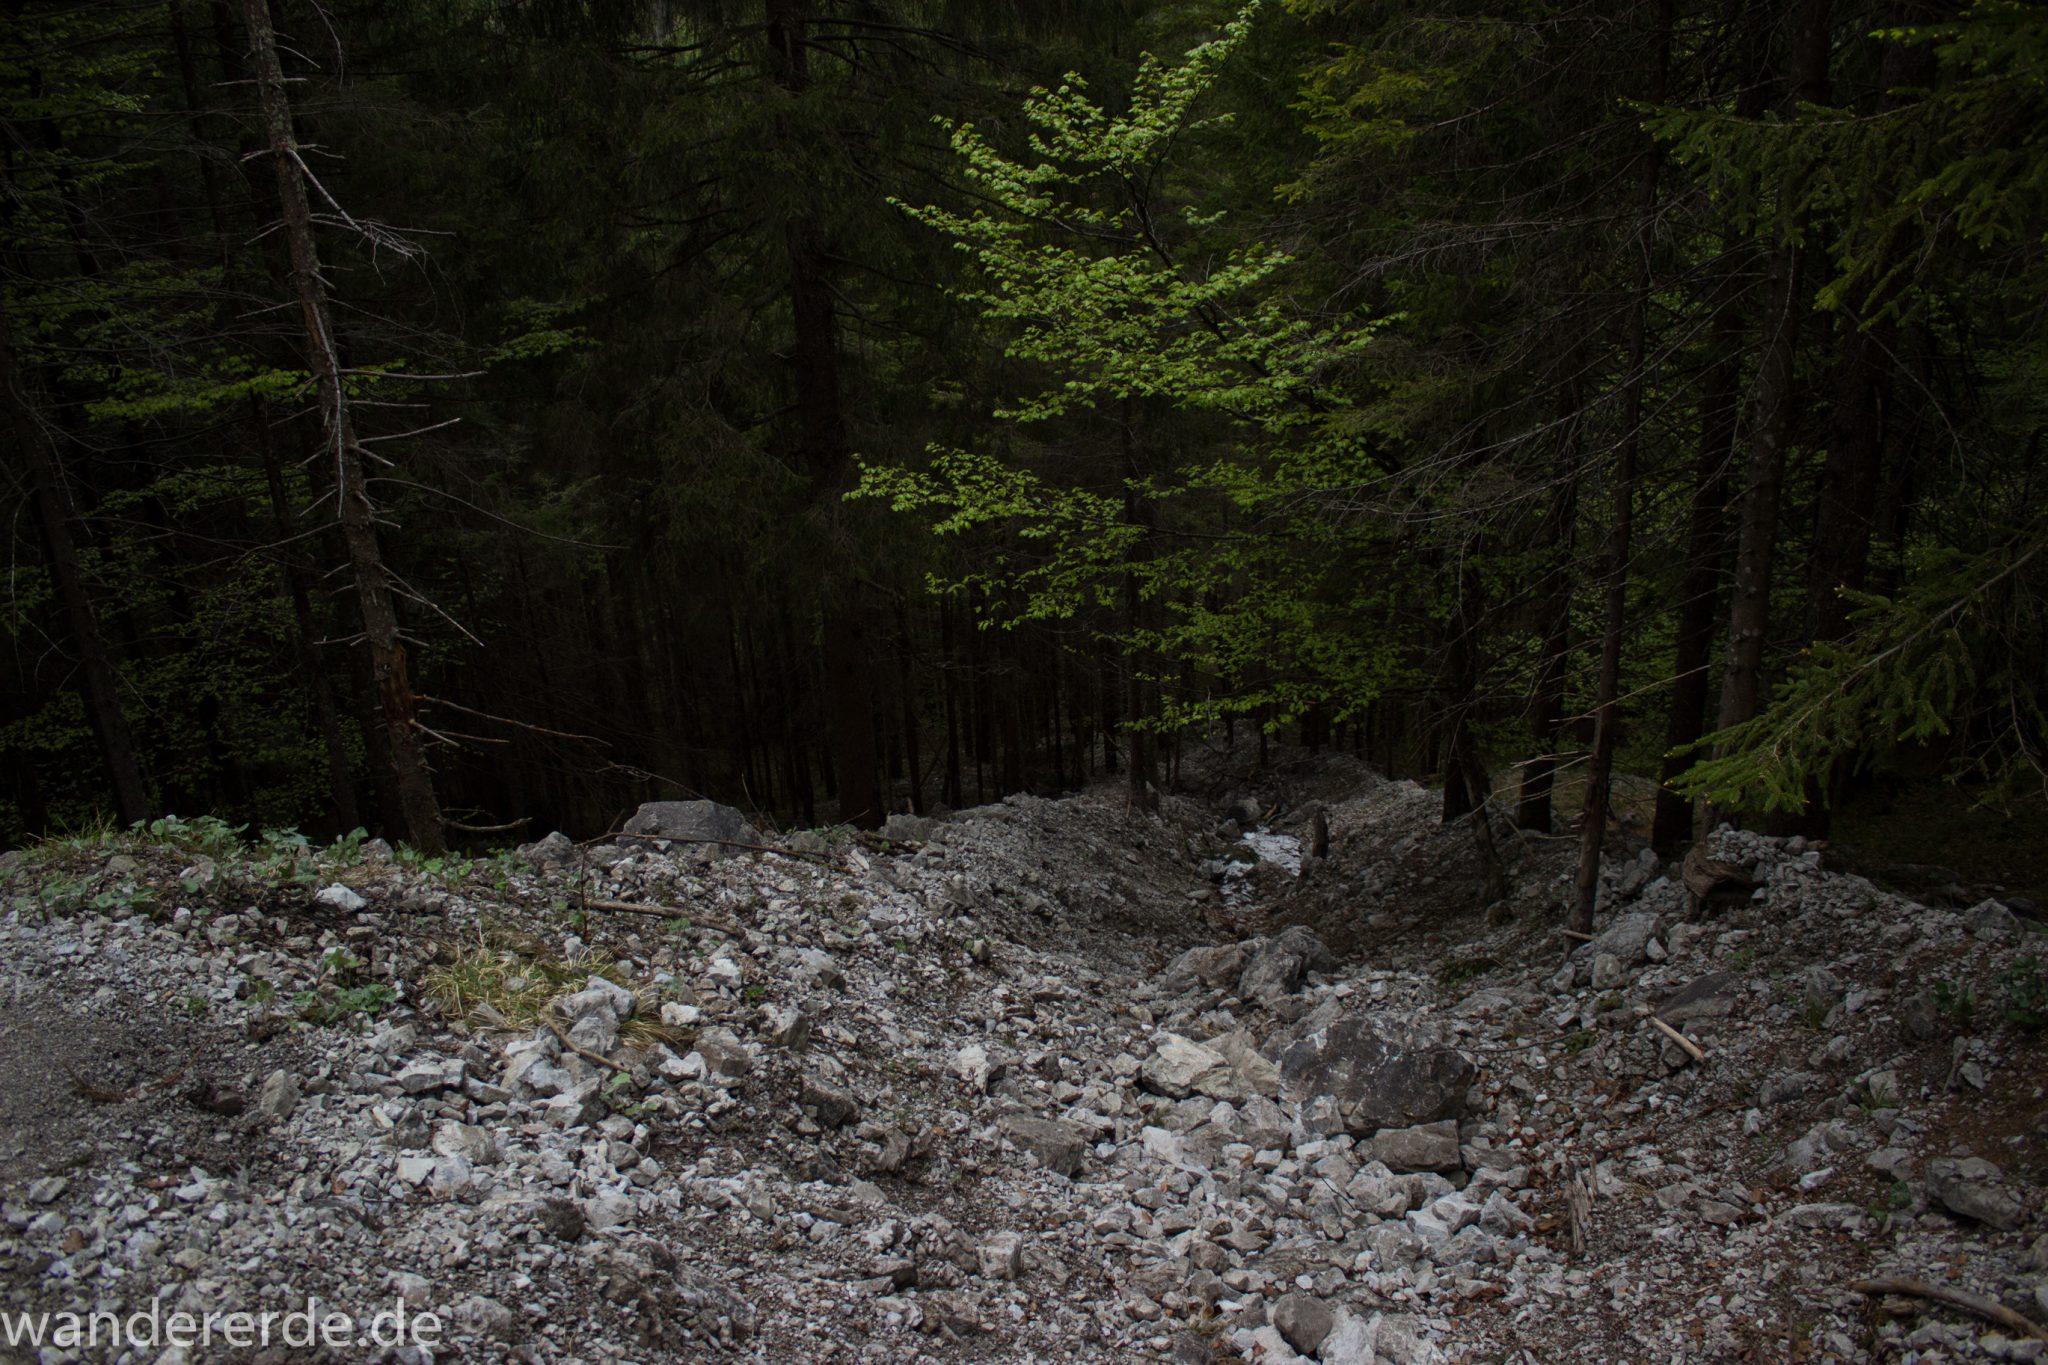 Wanderung Oberstdorf nach Gerstruben im Allgäu, Bayern, Wanderweg Rautweg führt durch schönen dichten Wald, ziemlich steiler und grober Weg, feste Schuhe empfehlenswert, kaum noch Menschen begegnen uns, teilweise Schneefelder im Frühjahr in den Bergen, schöner sattgrüner und dichter Wald